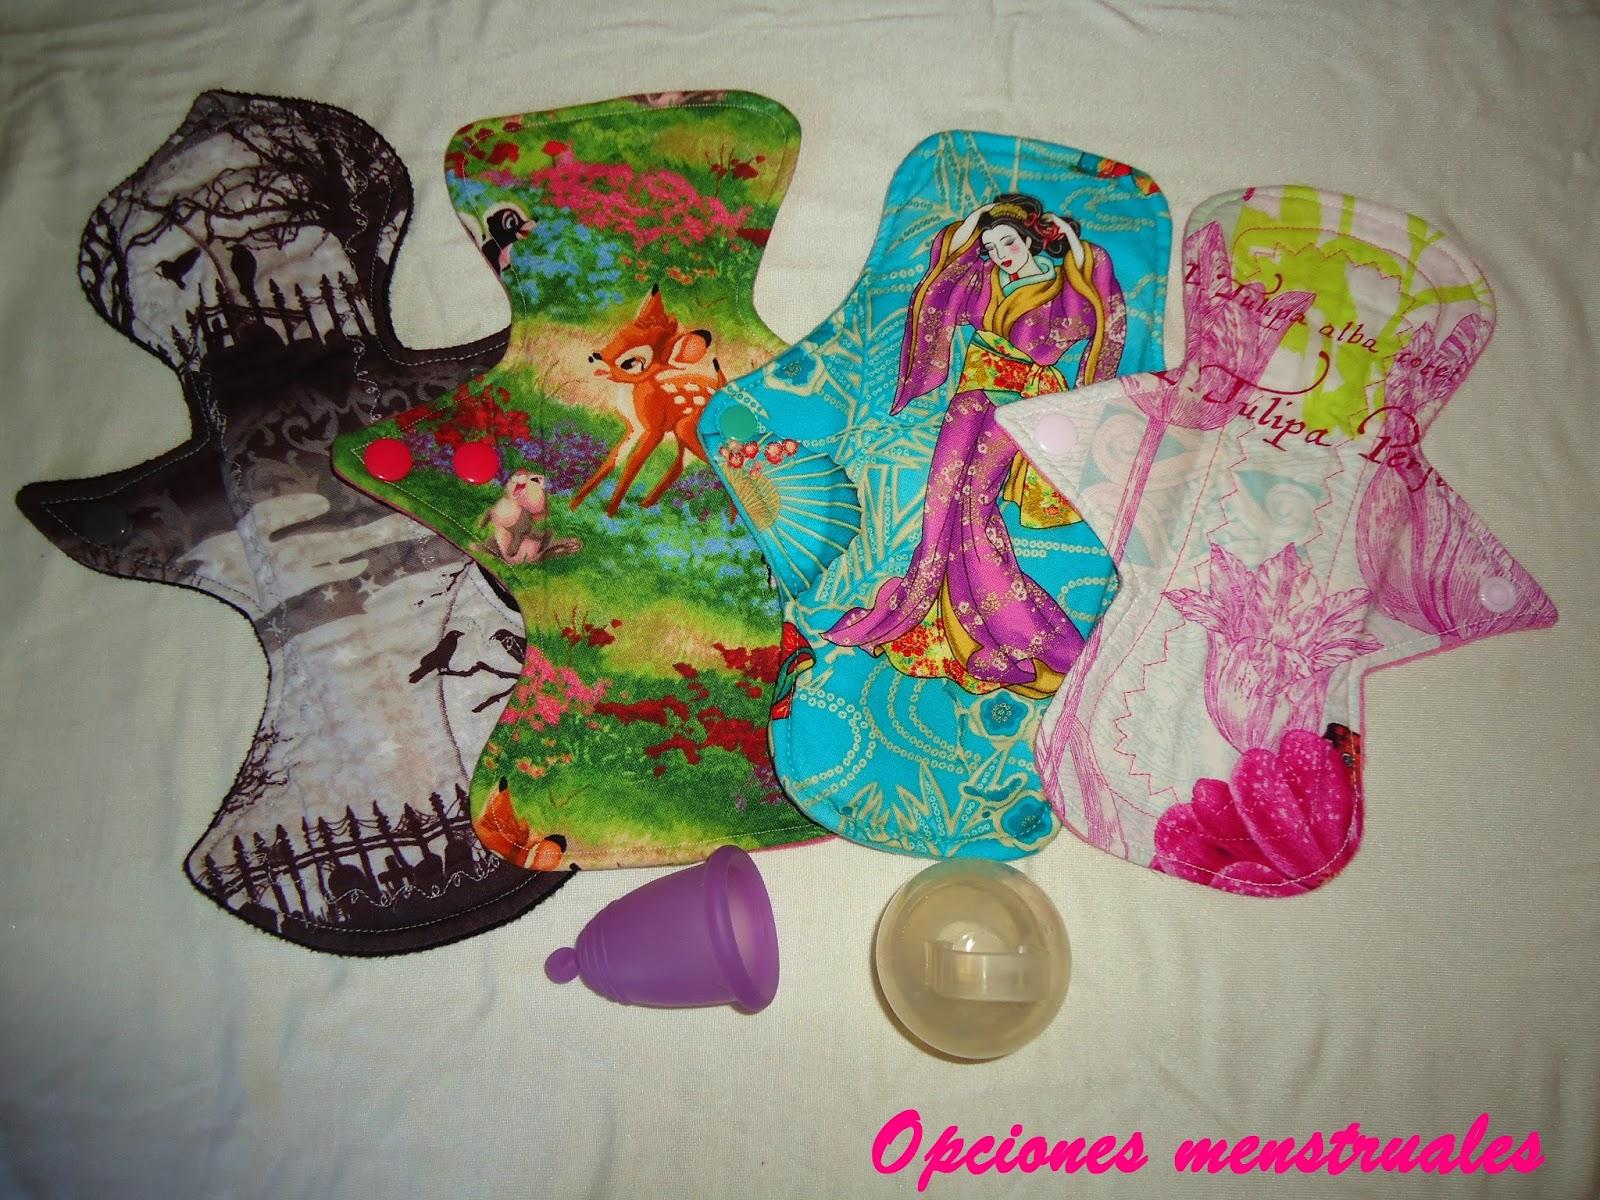 Opciones menstruales d nde comprar la copa menstrual y - Donde comprar pintura para tela ...